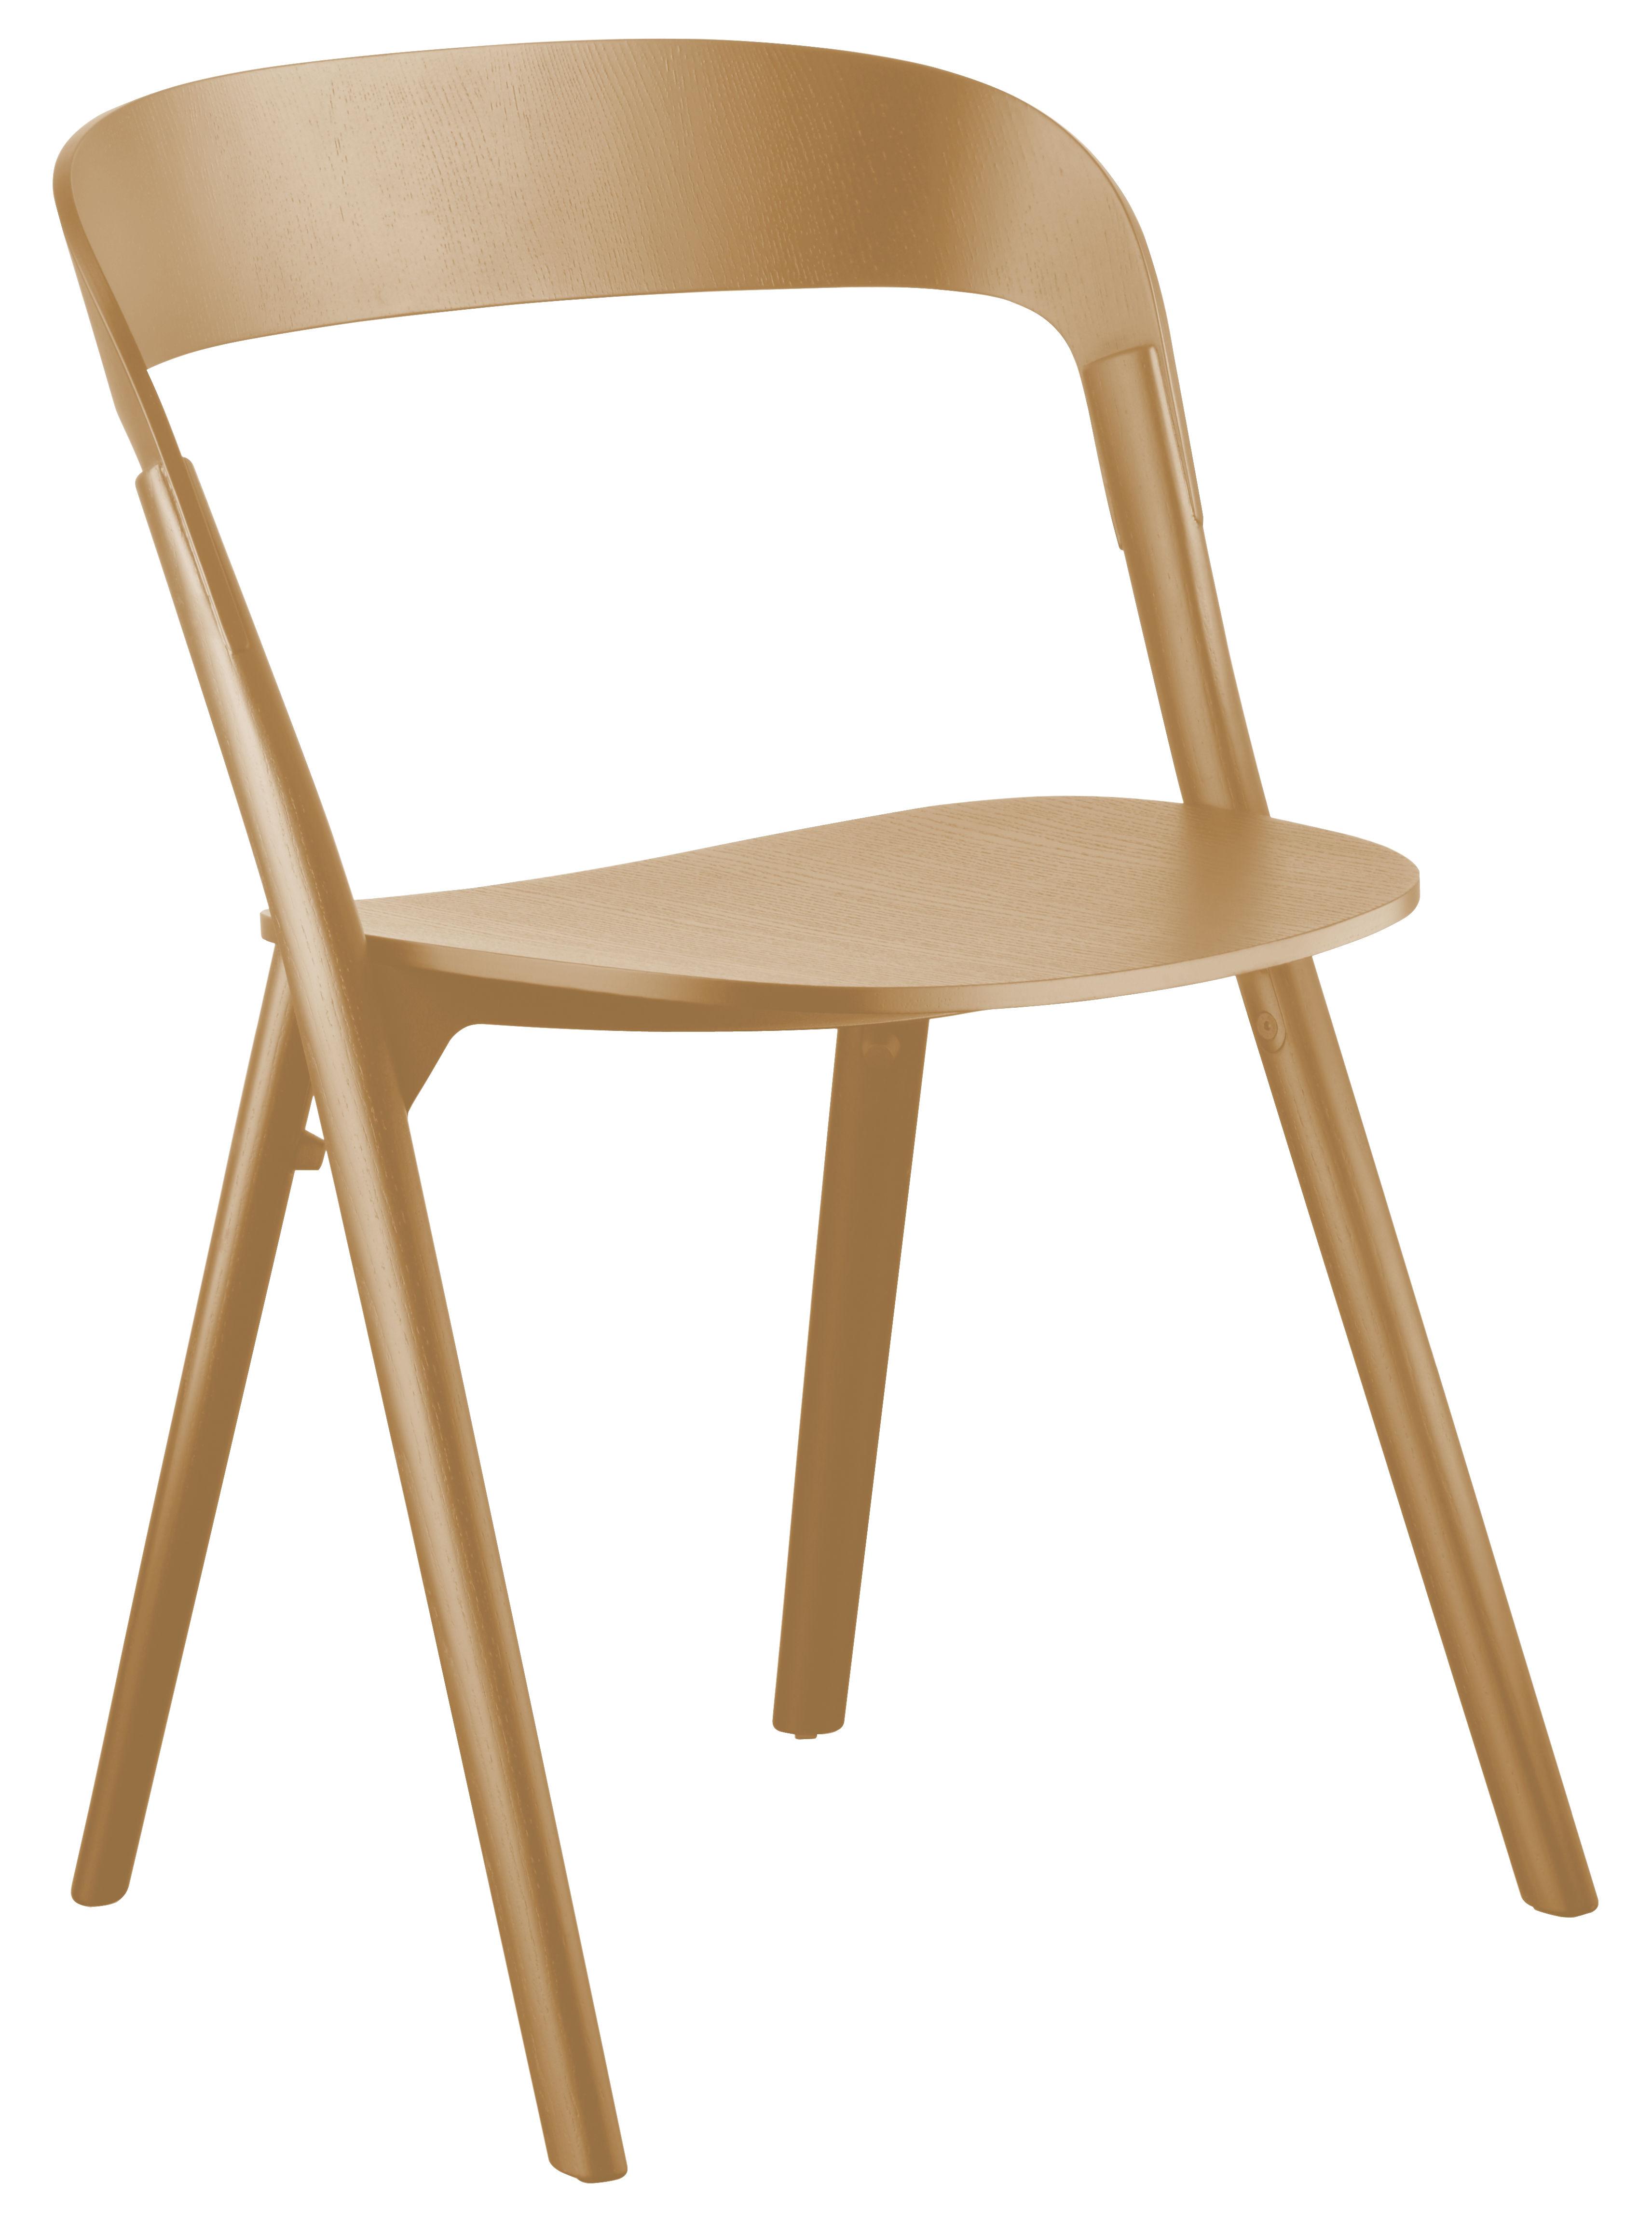 Mobilier - Chaises, fauteuils de salle à manger - Chaise empilable Pila / Bois - Magis - Bois naturel - Fonte d'aluminium, Frêne massif, Multiplis de frêne